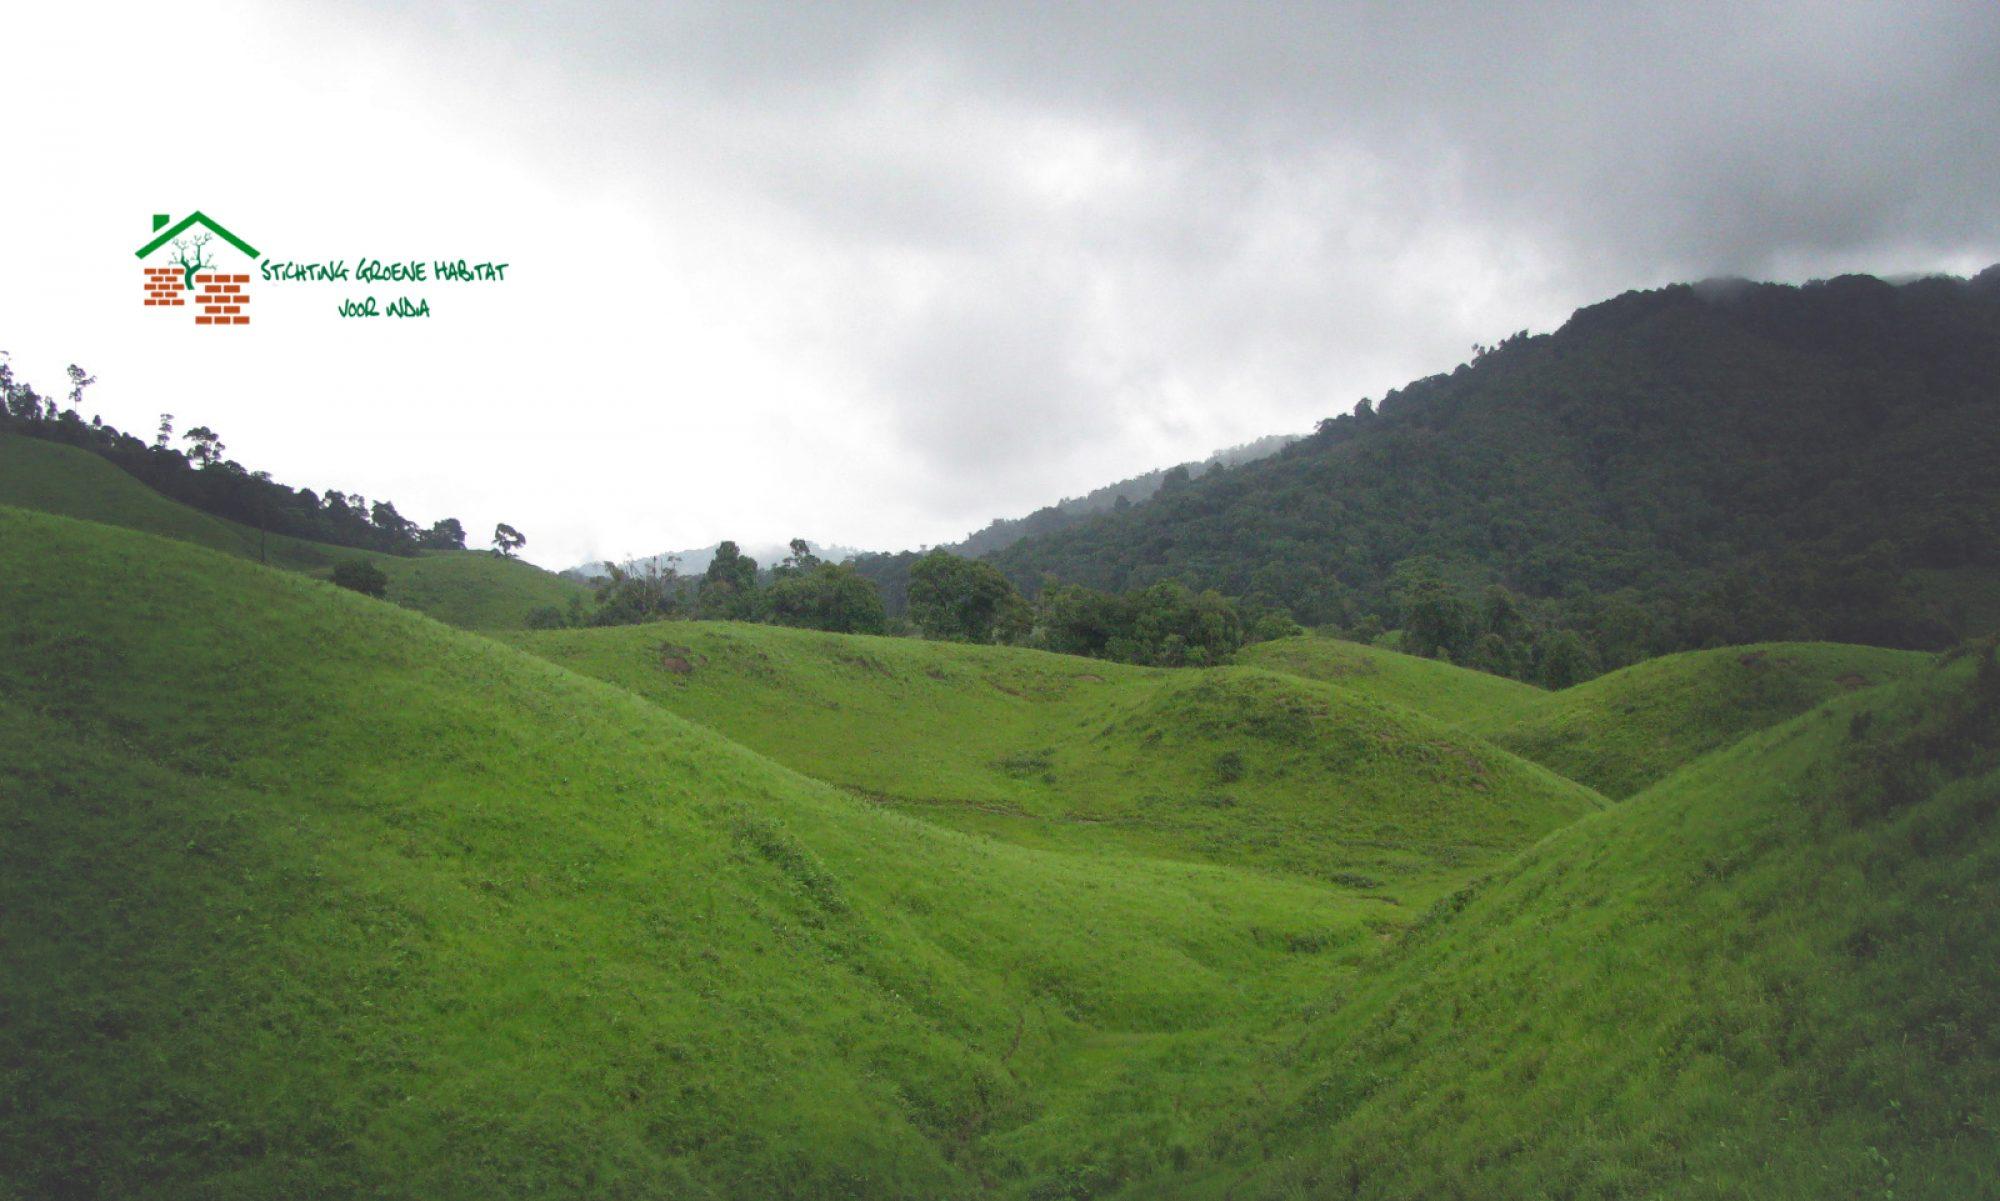 Stichting Groene Habitat voor India